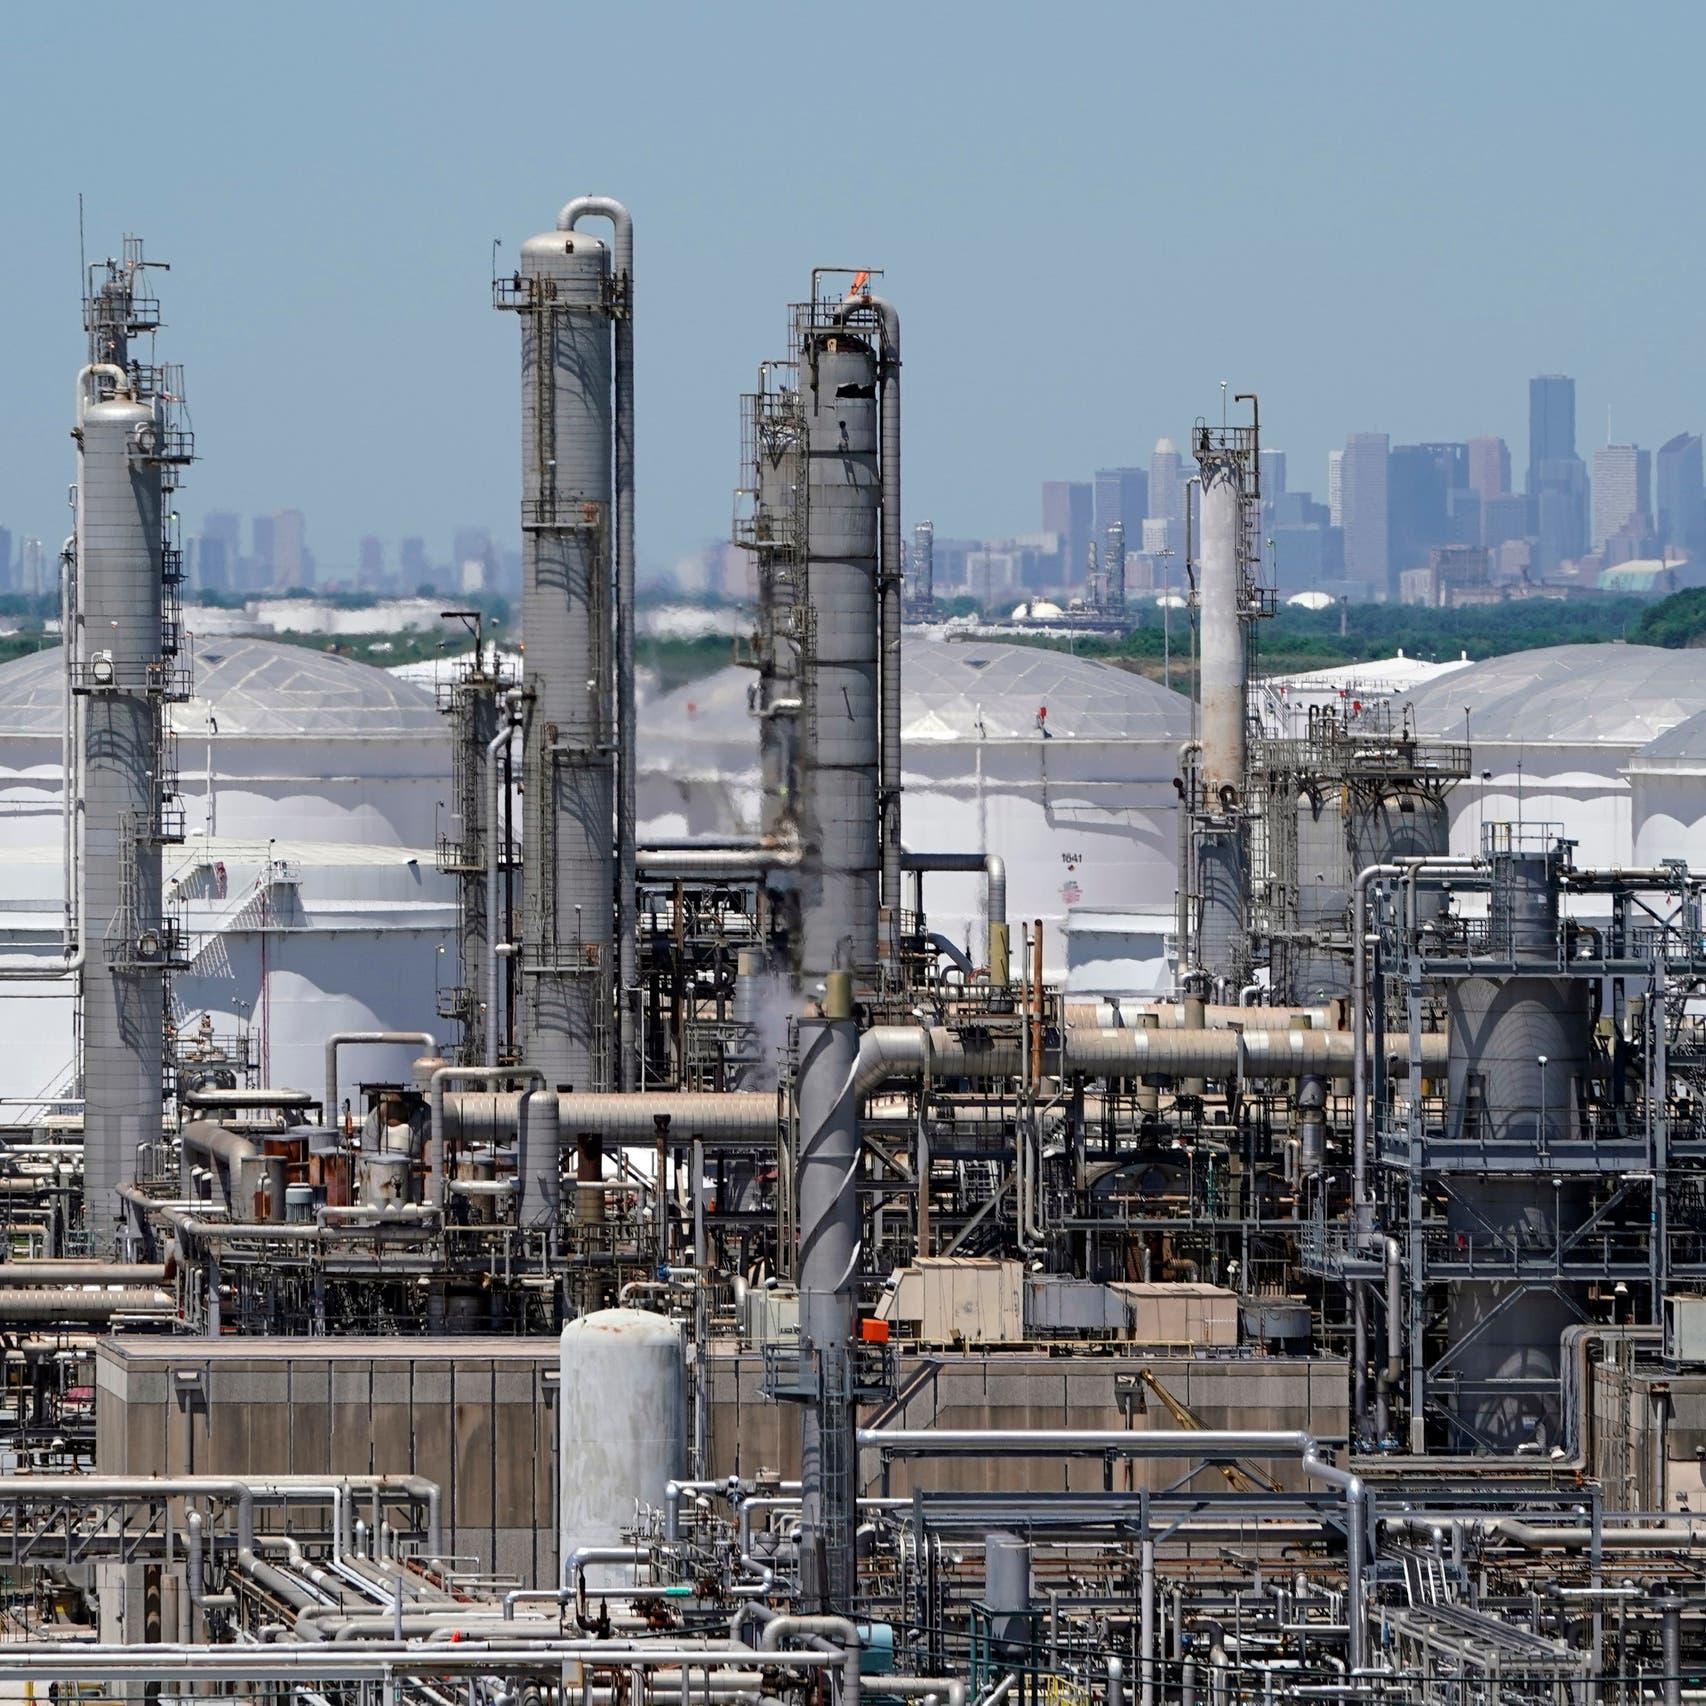 5 عوامل تحدد توجهات أسواق النفط في 2021... ما هي؟